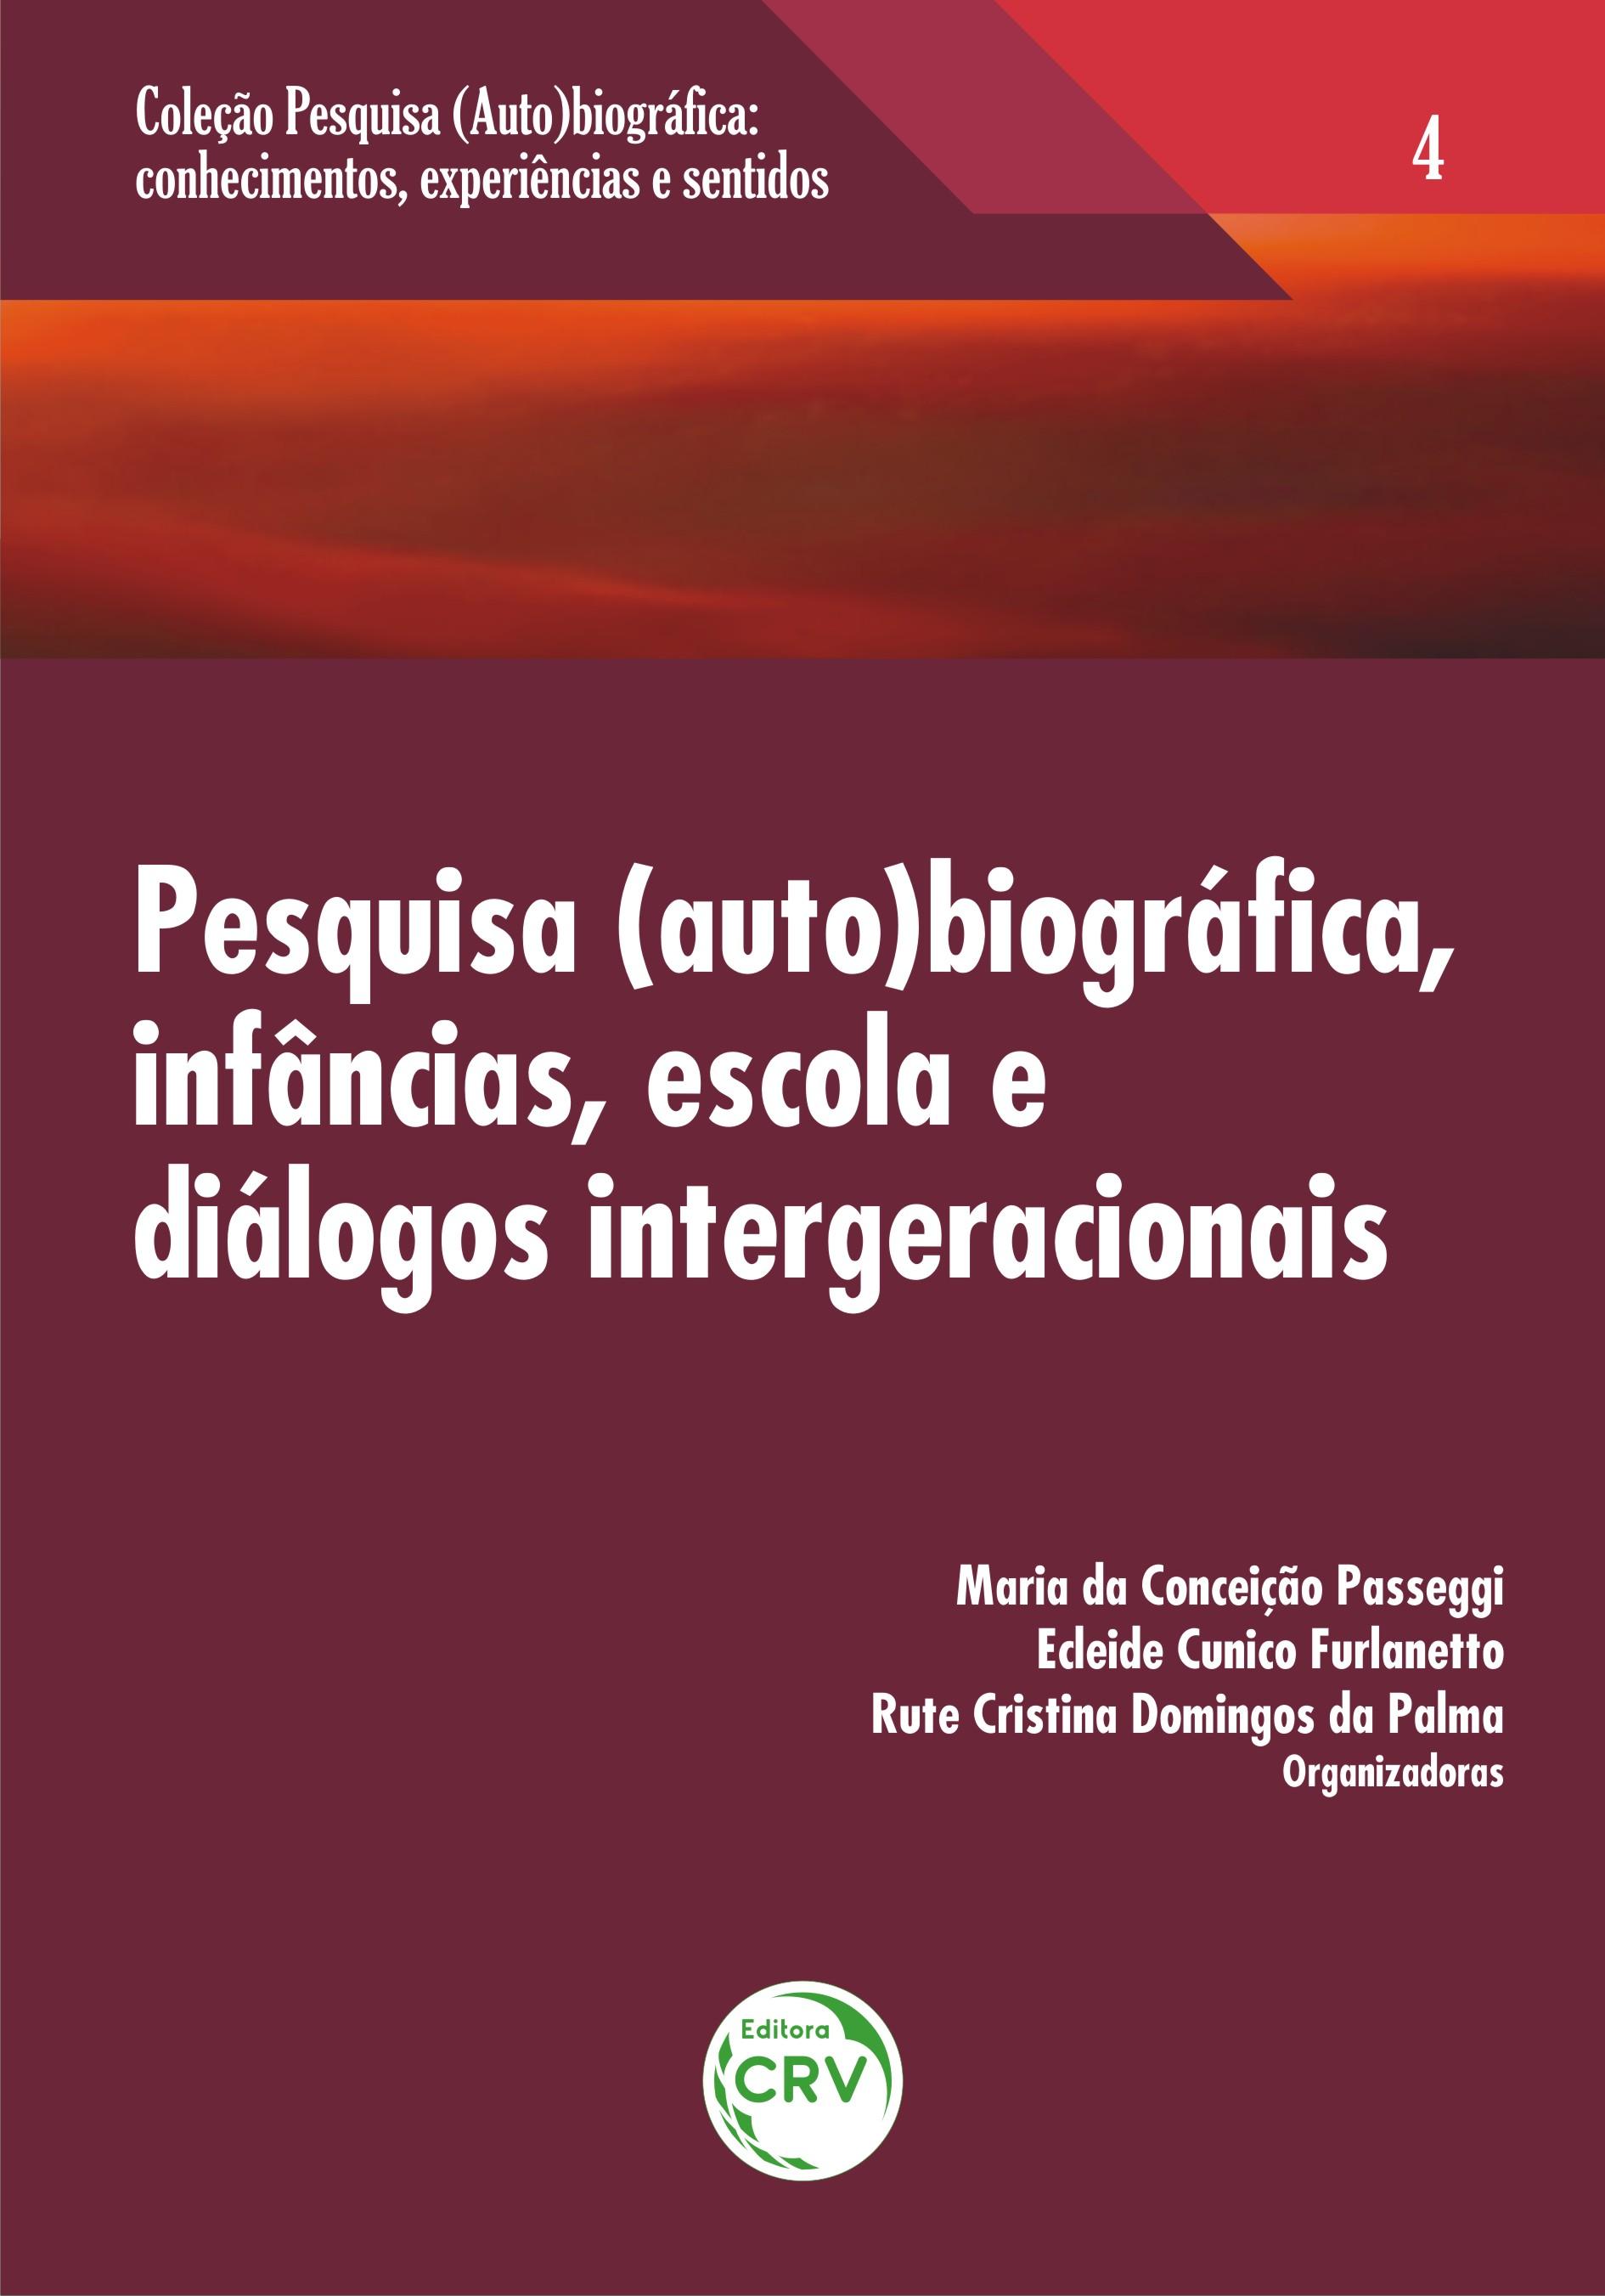 Capa do livro: PESQUISA (AUTO) BIOGRÁFICA, INFÂNCIAS, ESCOLA E DIÁLOGOS INTERGERACIONAIS<br> Volume 4<br>COLEÇÃO: PESQUISA (AUTO)BIOGRÁFICA:<br>Conhecimentos, experiências e sentidos